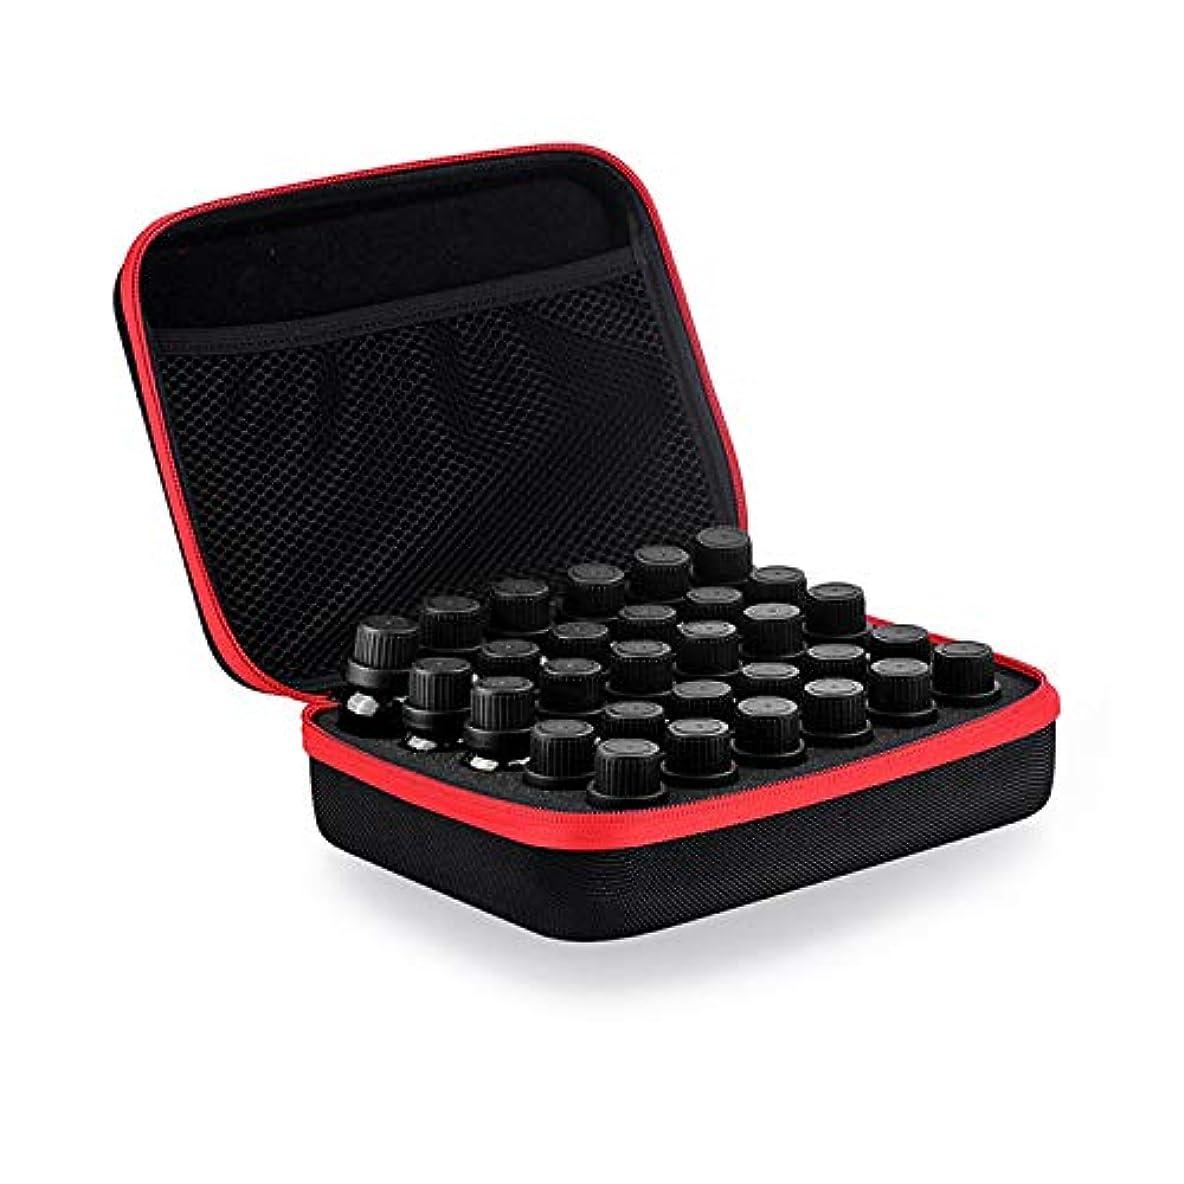 特性促す麻痺Coteco 精油 ケース 化粧品袋30スロットボトルエッセンシャルオイルケース用保護5/10/15ミリリットルローラーエッセンシャルオイルバッグ 旅行 キャリング 収納オーガナイザー (赤)